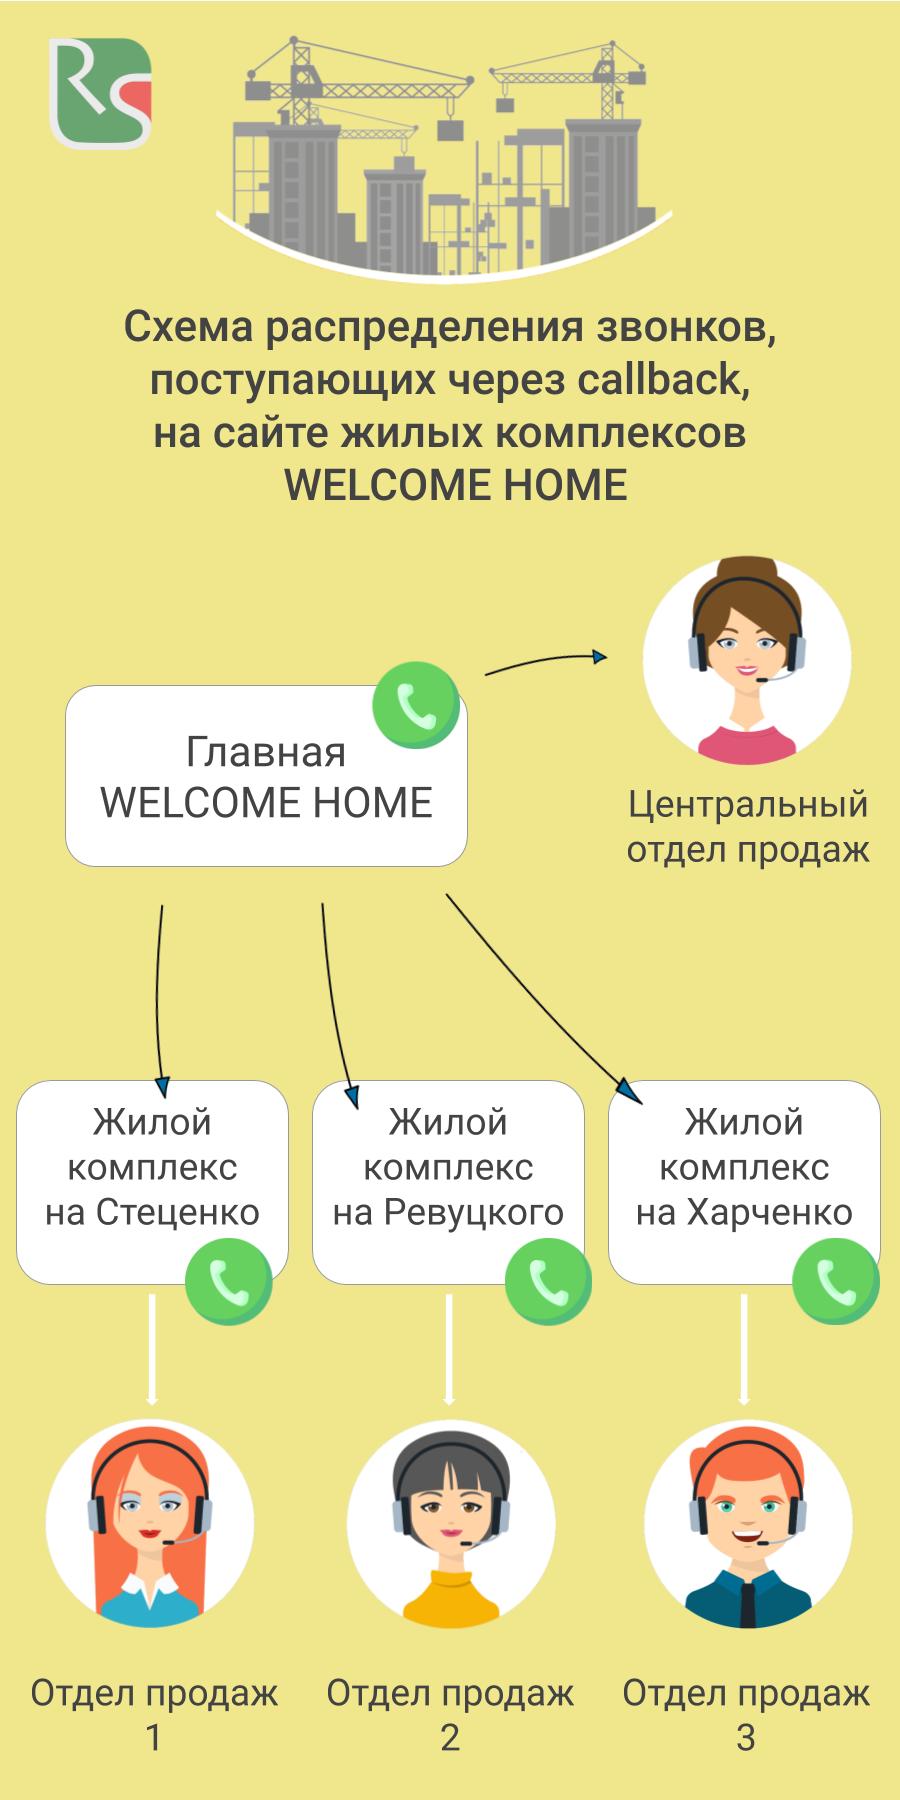 Схема распределения звонков через callback